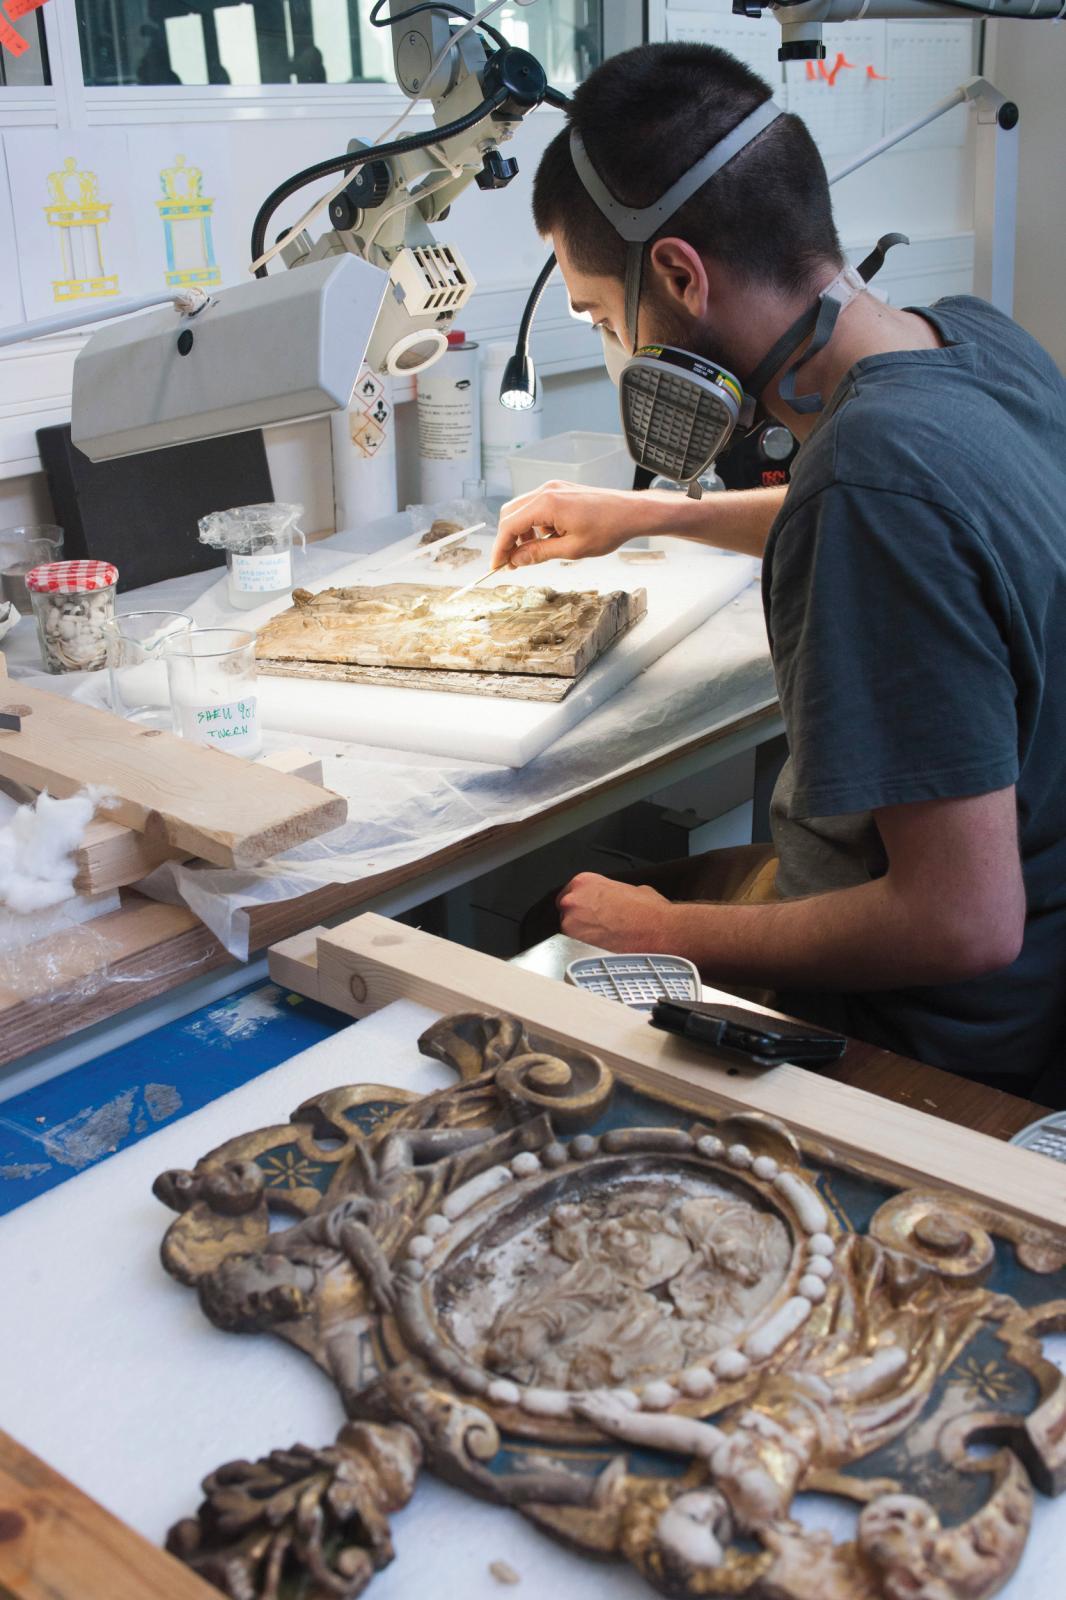 En atelier Sculpture, Laurent Caputo a choisi un retable en bois et albâtre polychromé du début XVIIe siècle (musée des beaux-arts de Camb